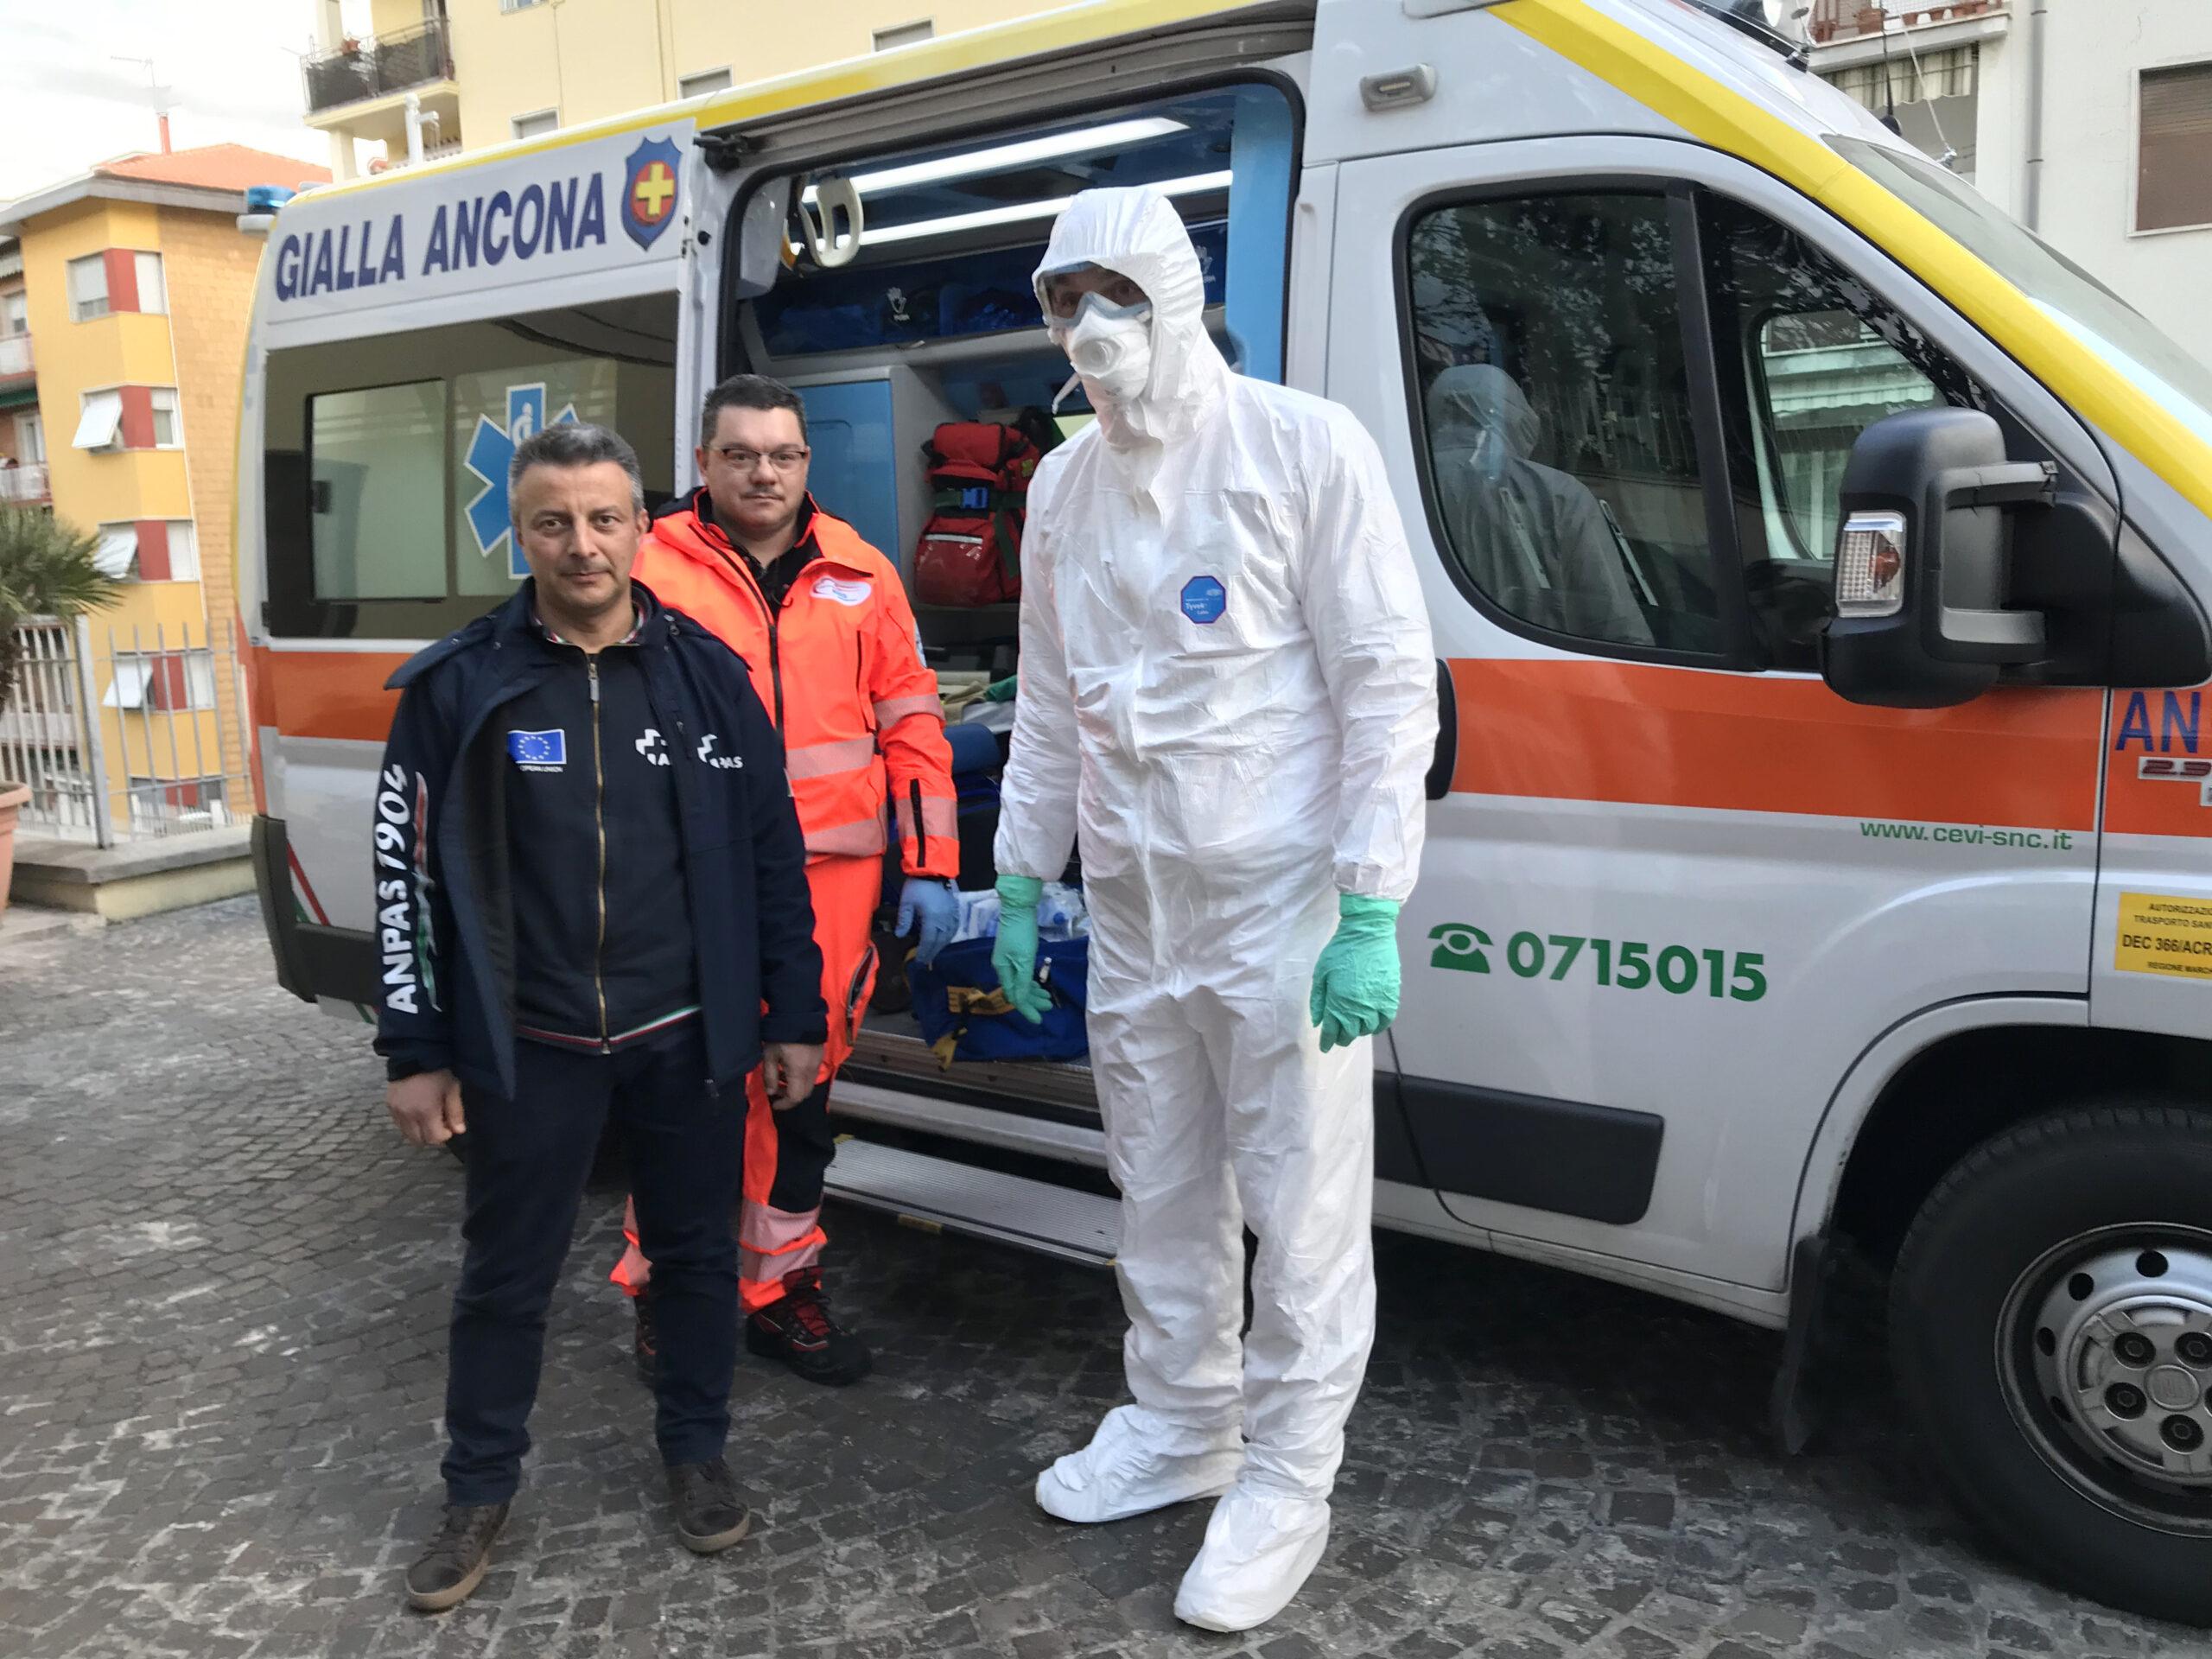 Gruppo Gabrielli, attrezzature per ANPAS e Croce Rossa Marche